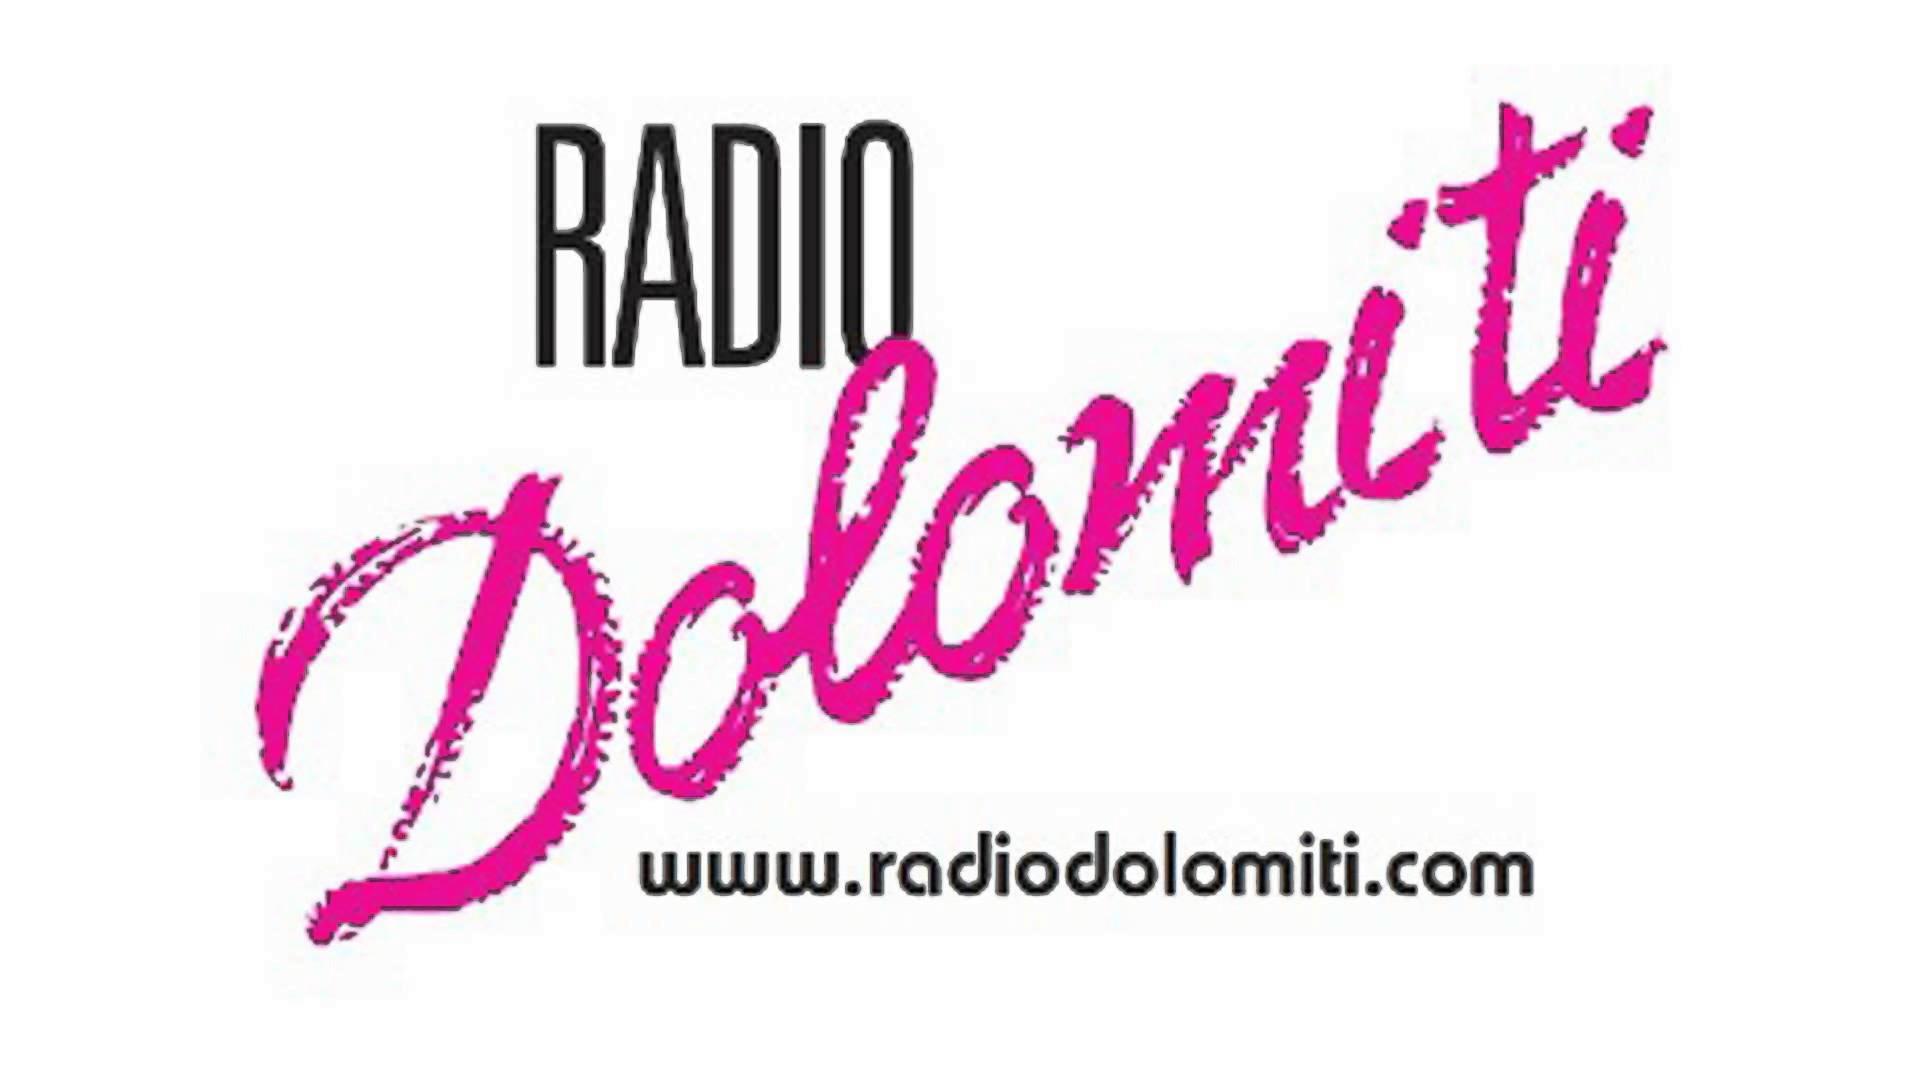 radio dolomiti - Radio locali. Equilibri editoriali mutati in Trentino Alto Adige. Con le acquisizioni del quotidiano Adige e di Radio Dolomiti il gruppo Athesia è quasi monopolista dei media in Regione